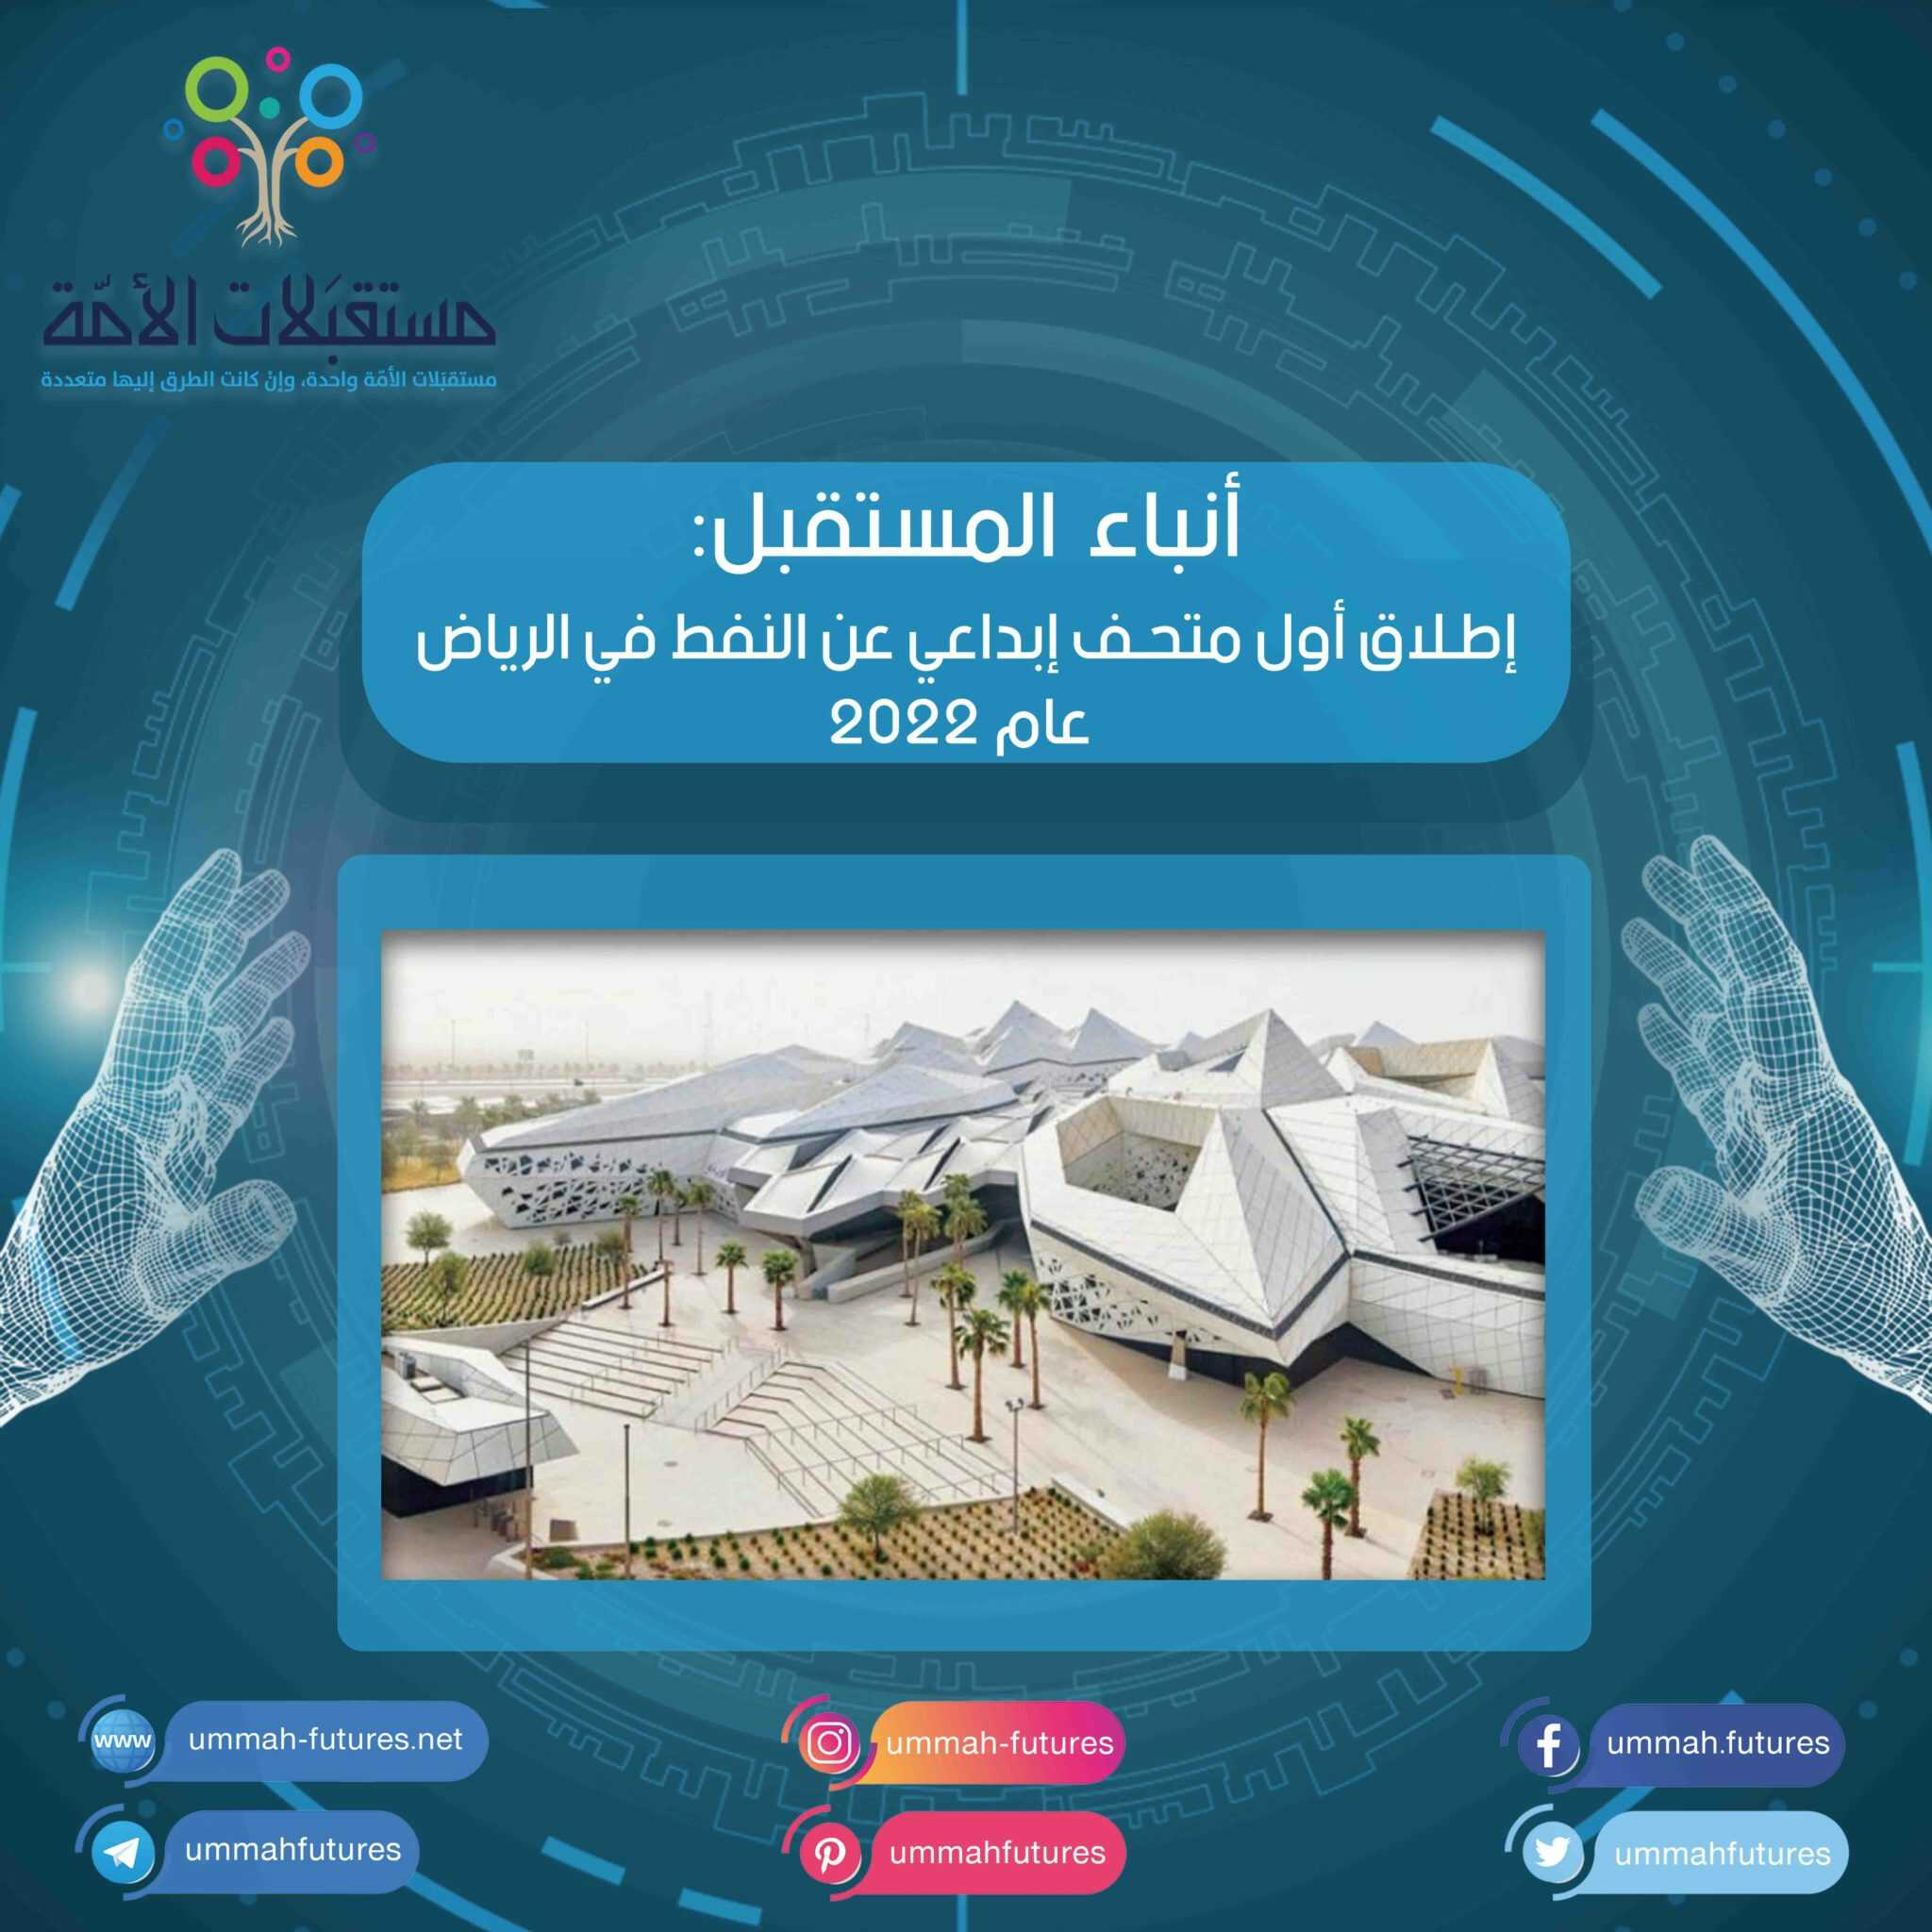 إطلاق أول متحف إبداعي عن النفط في الرياض.. عام 2022